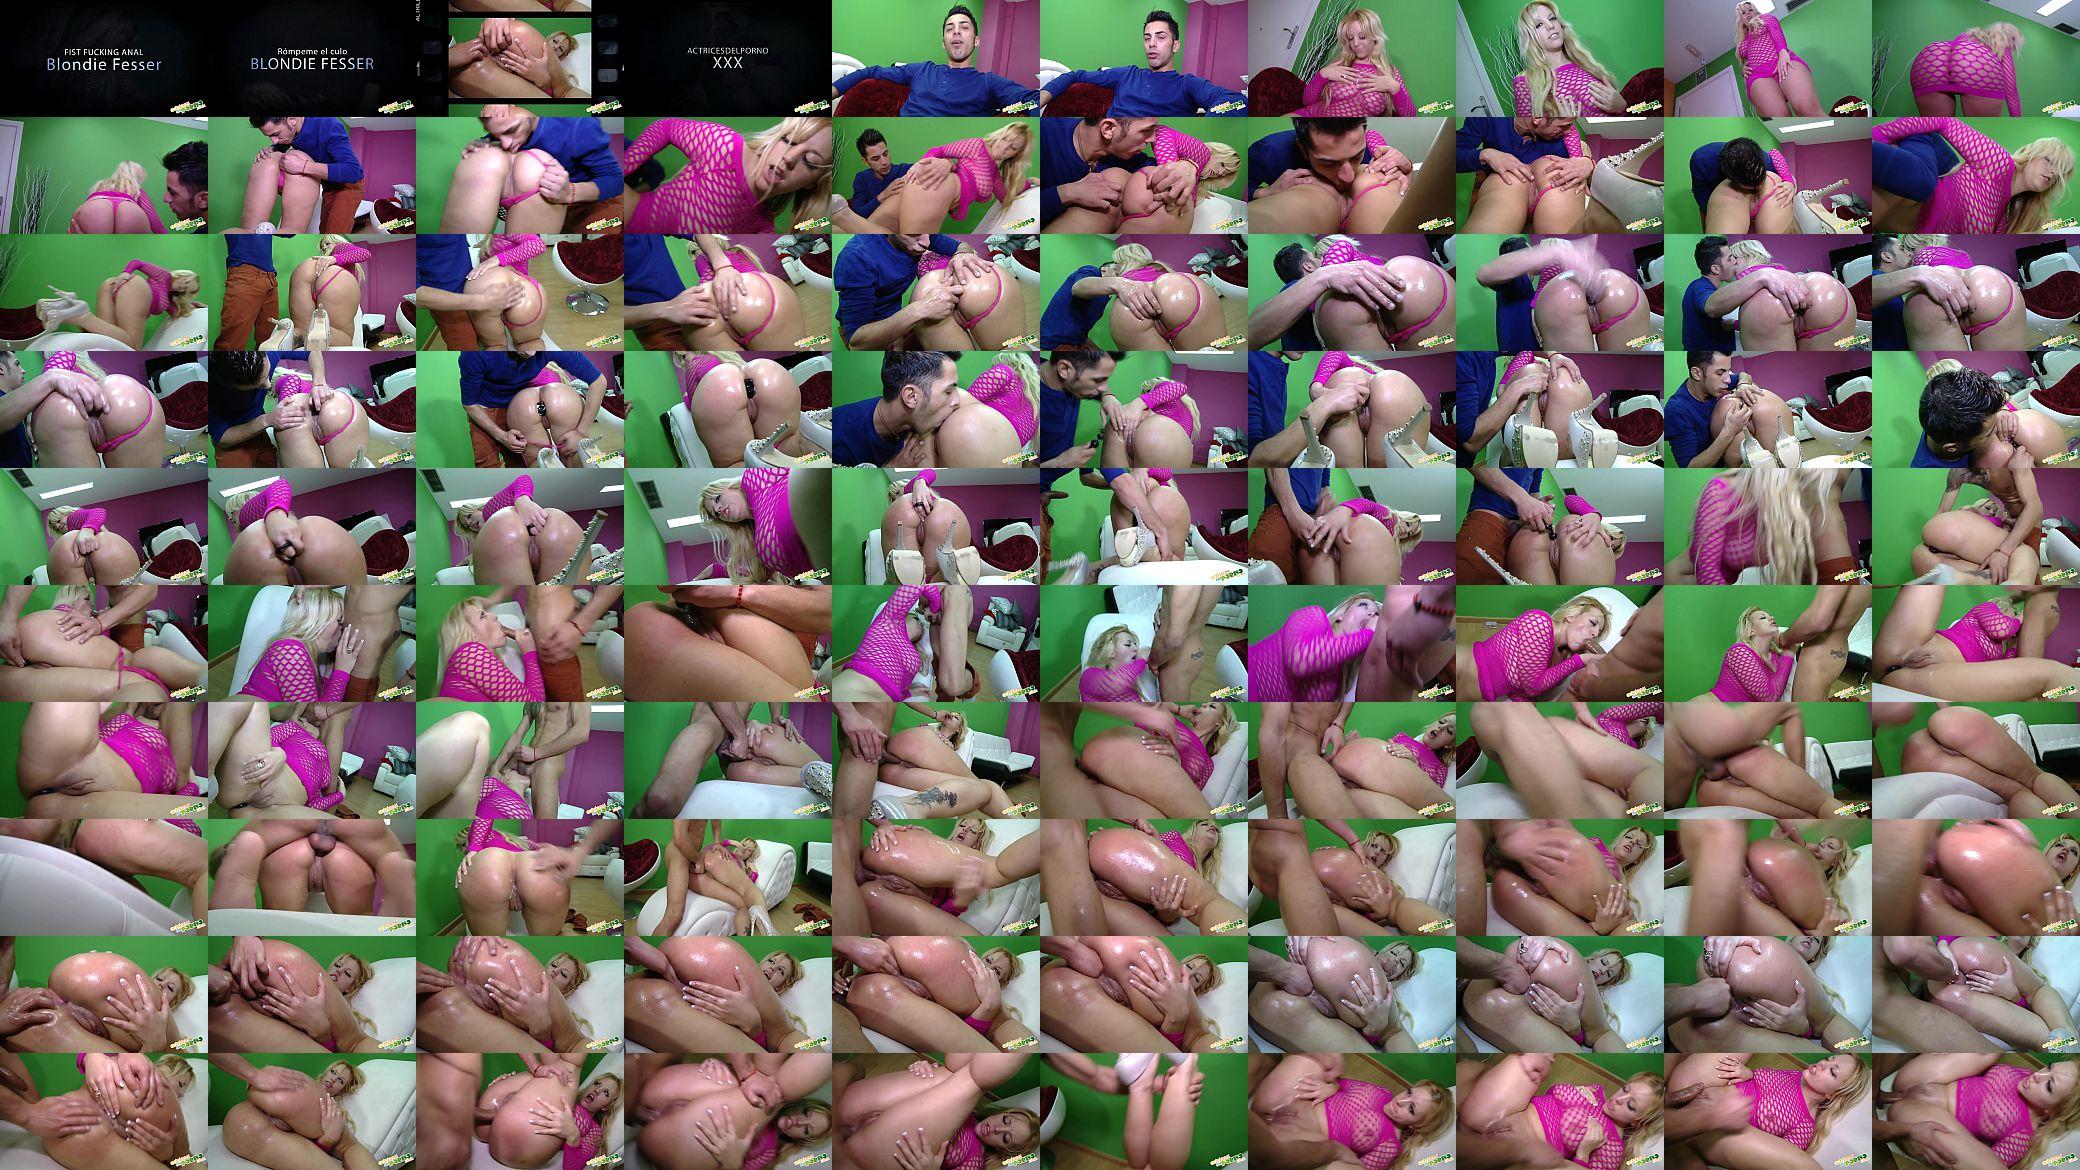 Actriz Porno Bloody Freezer blondie fesser - xvideos